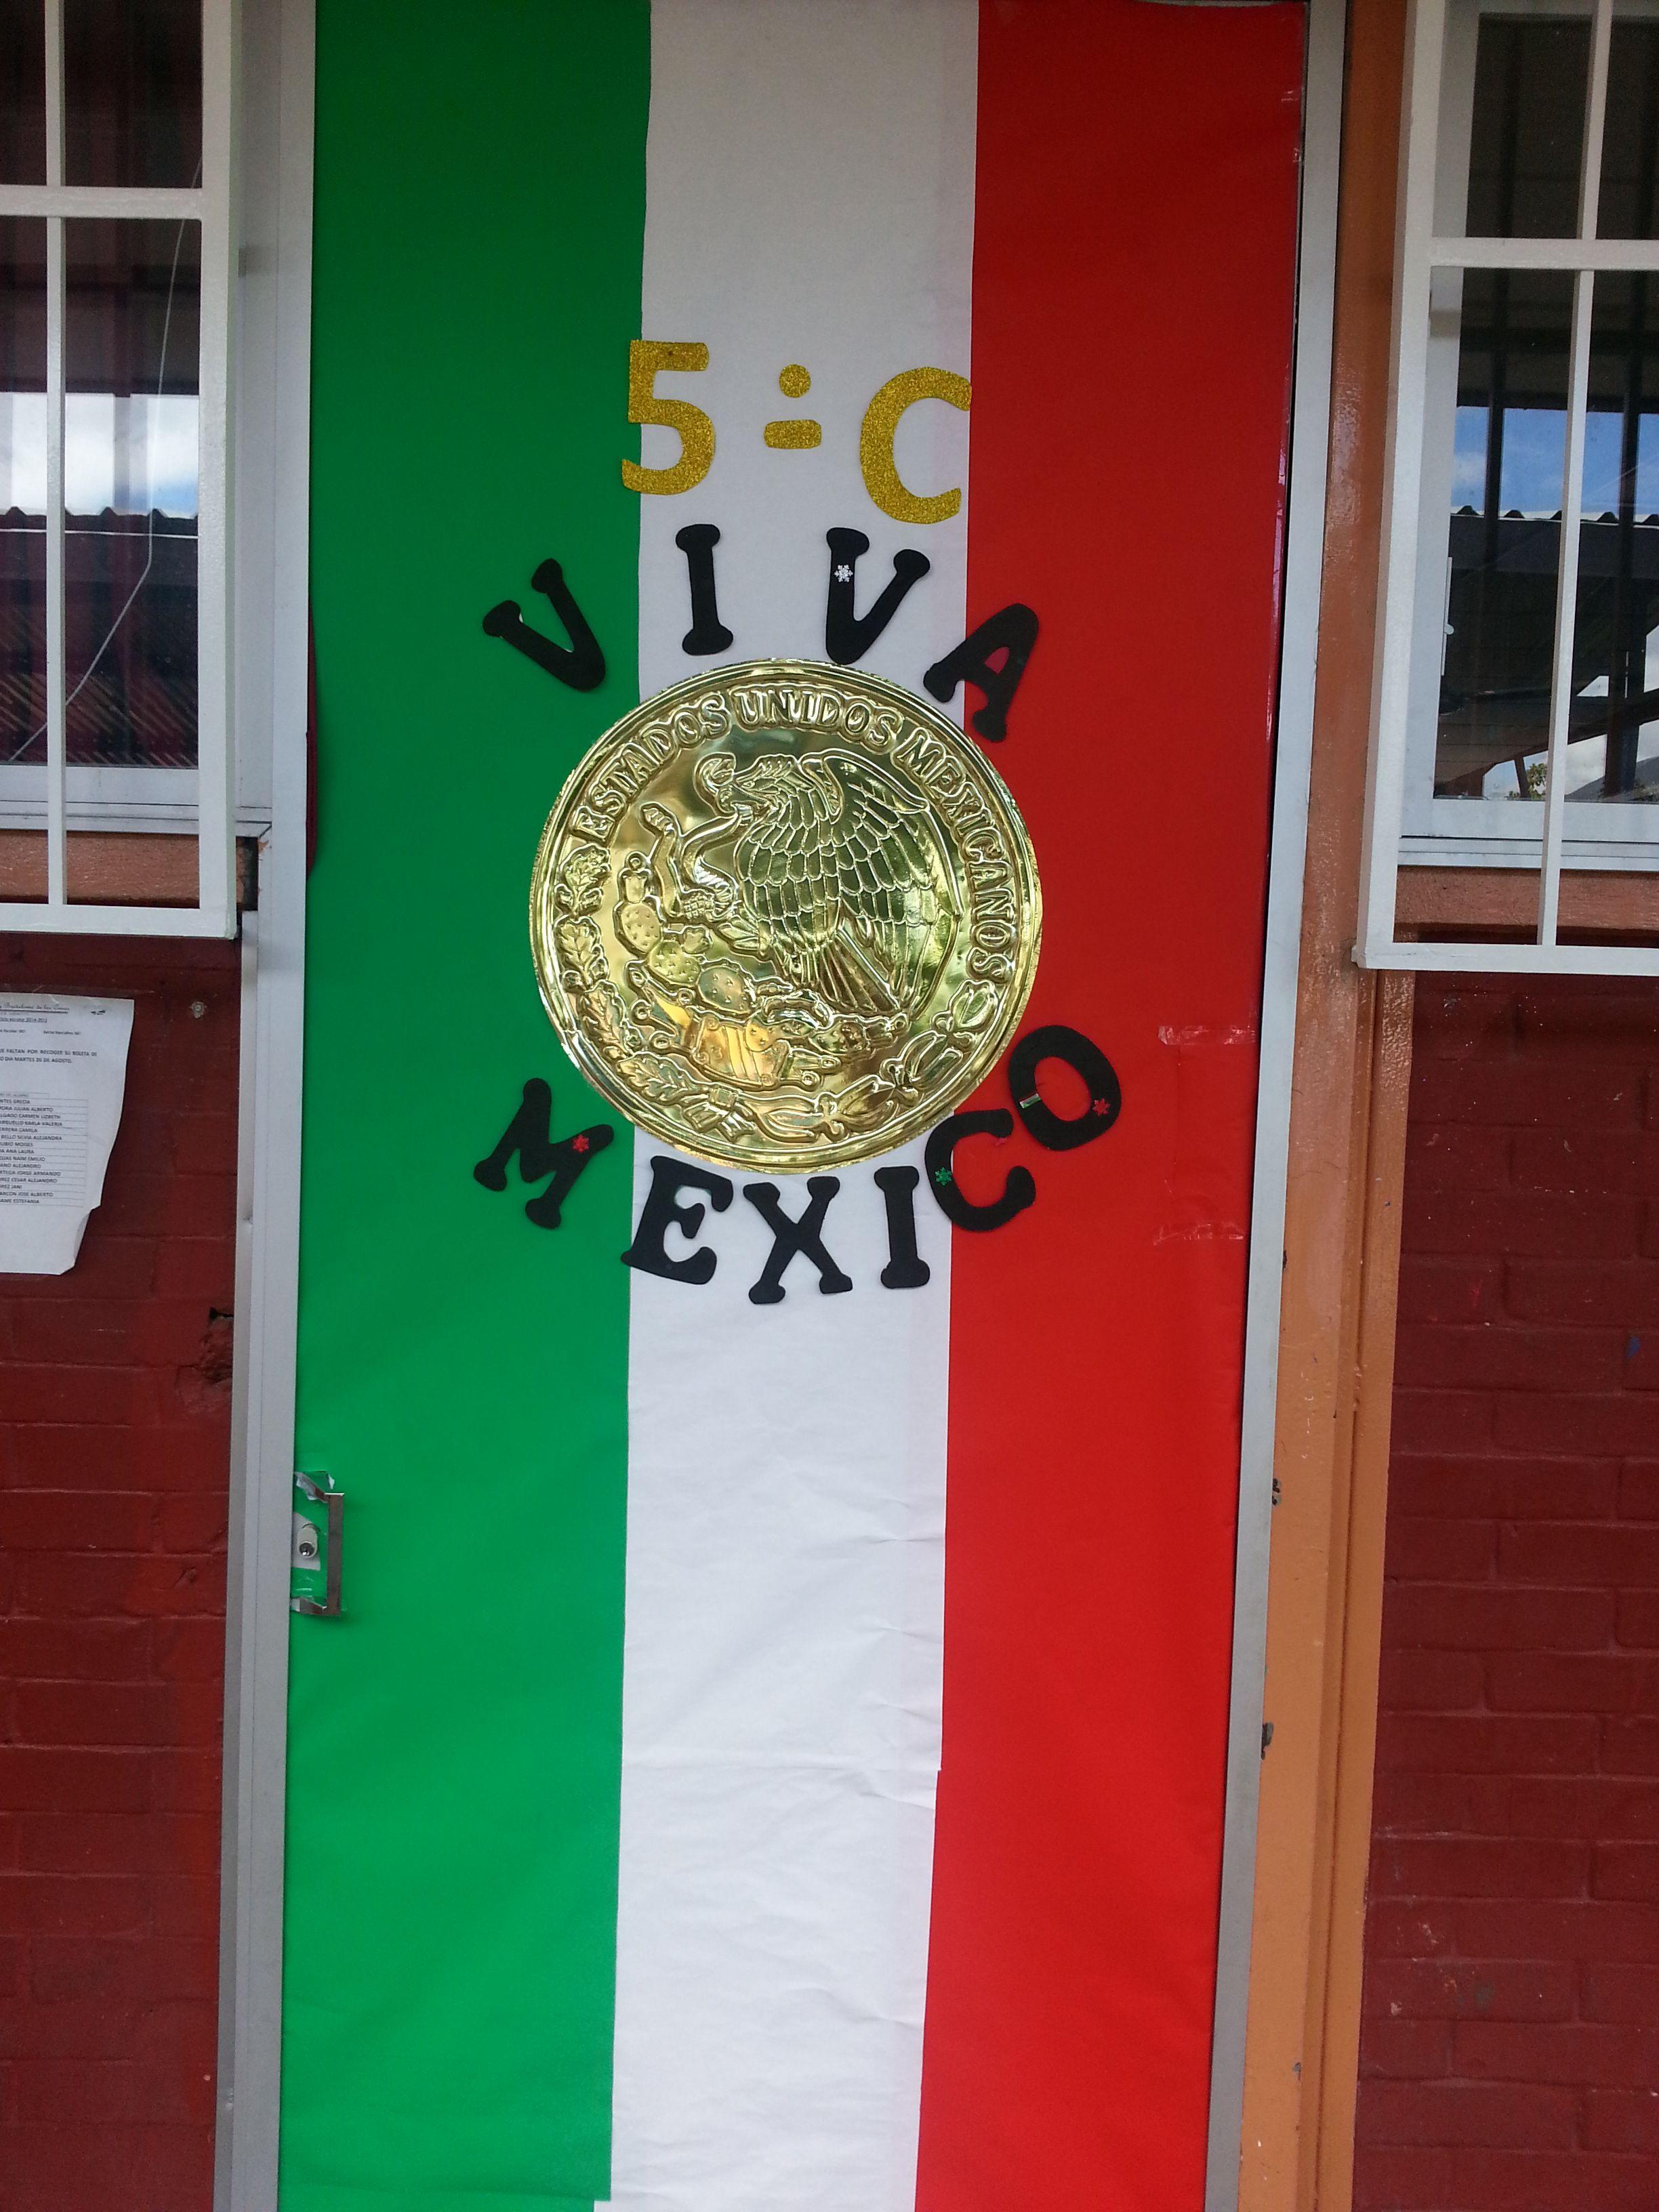 Fiestas patrias puerta decorada tricolor viva m xico Como decorar una puerta